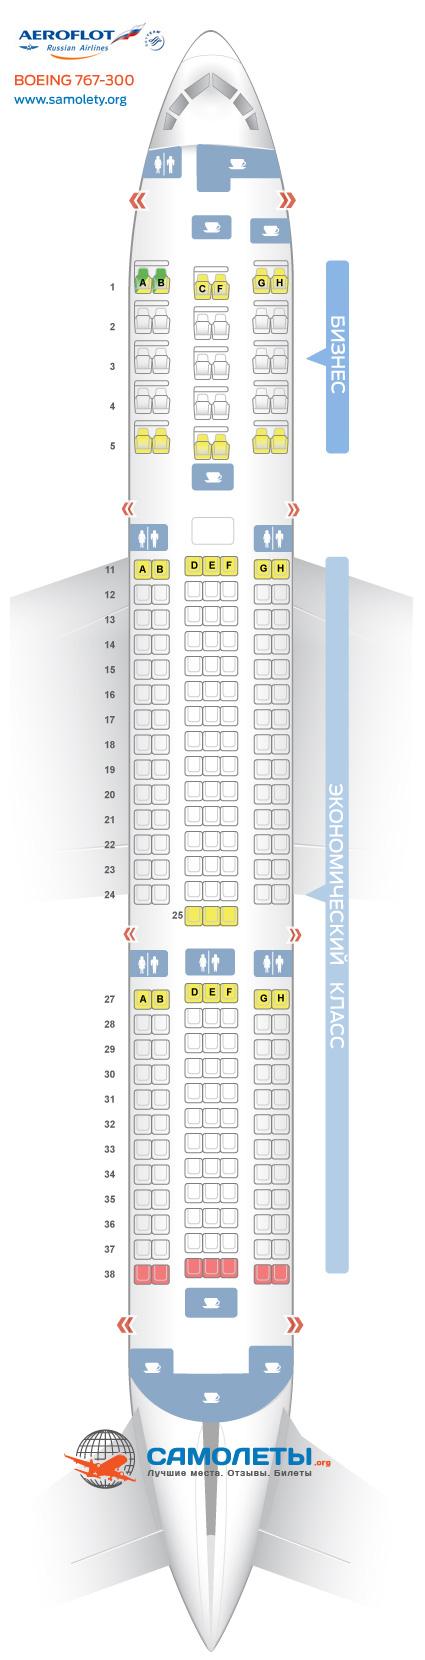 Аэрофлот Схема Boeing 767-300 VP-BDI